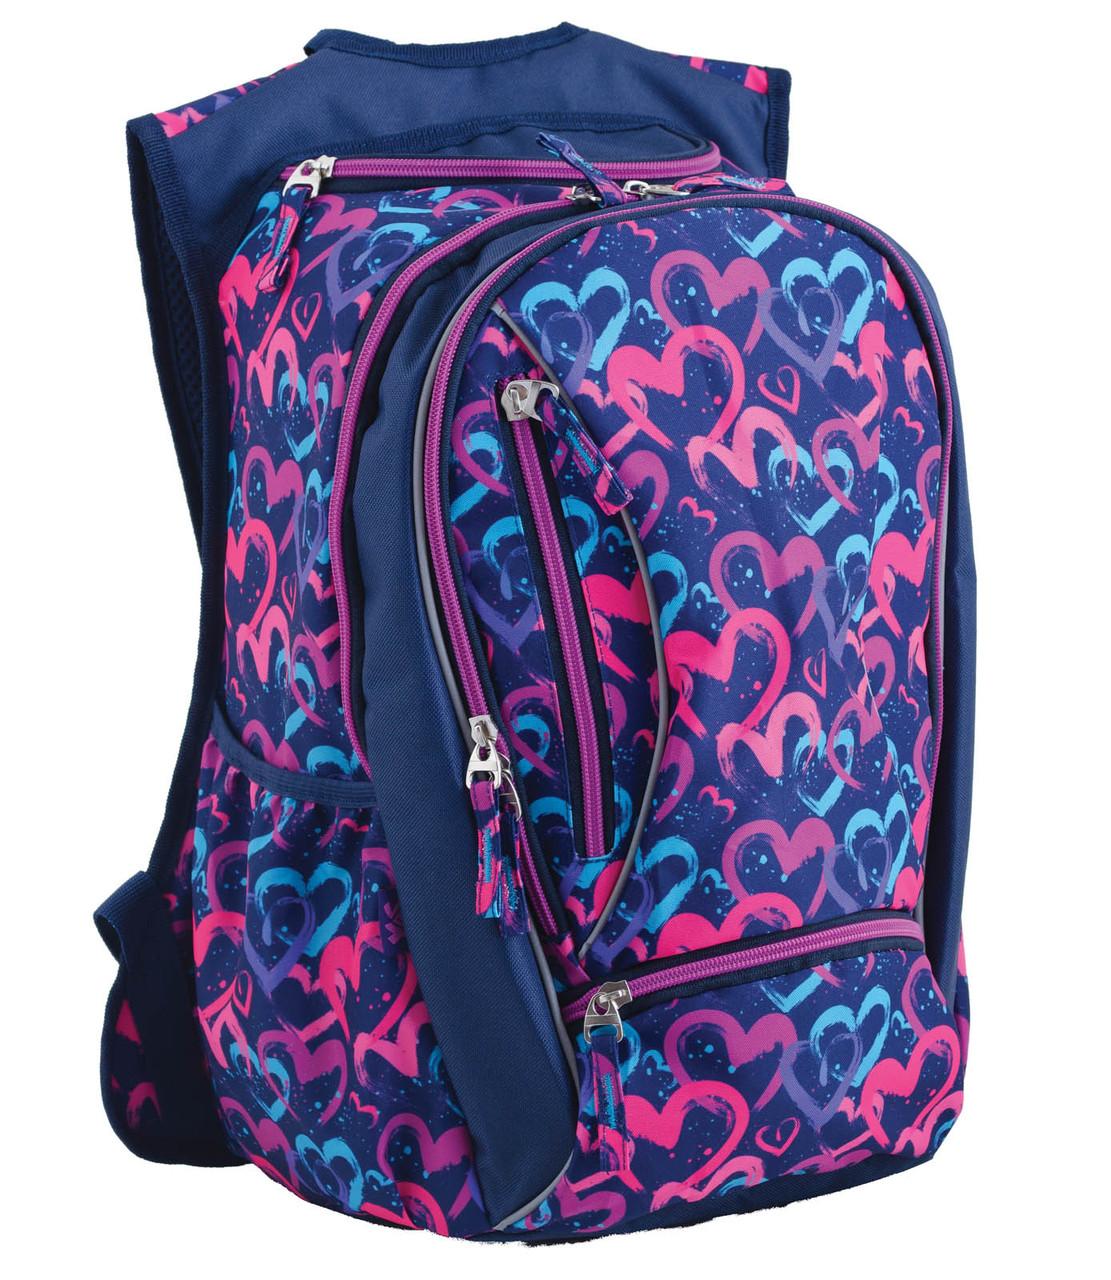 553156 Подростковый рюкзак YES T-28 Love 40*25,5*20